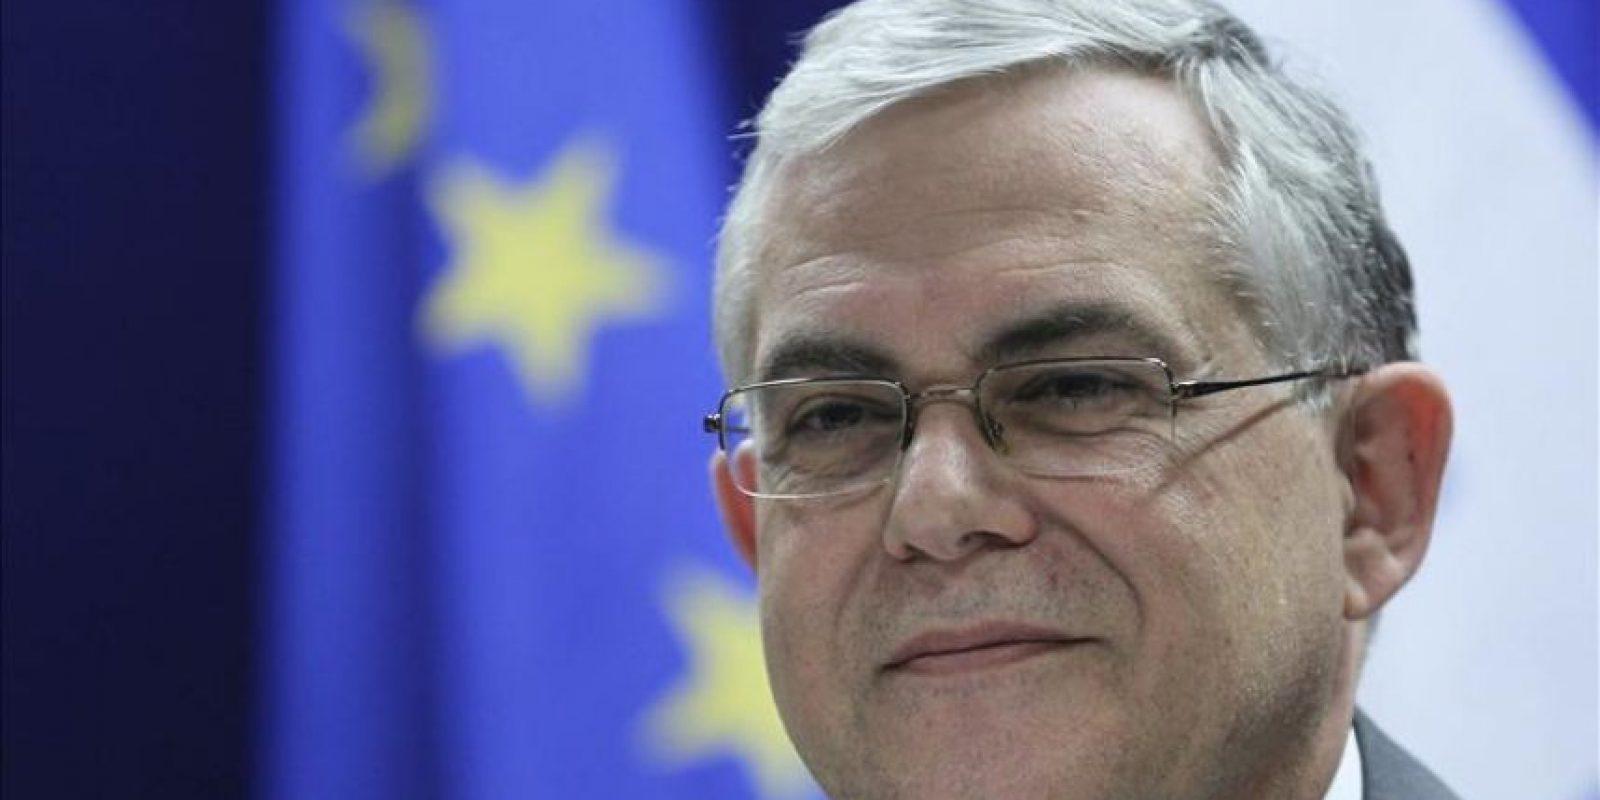 El primer ministro griego, Lukás Papadimos, ofrece hoy una conferencia de prensa tras recibir luz verde a un segundo rescate de 130.000 millones de euros hasta 2014 durante una reunión maratoniana de titulares de Economía y Finanzas de la zona euro en la sede de la Unión Europea en Bruselas, Bélgica. EFE